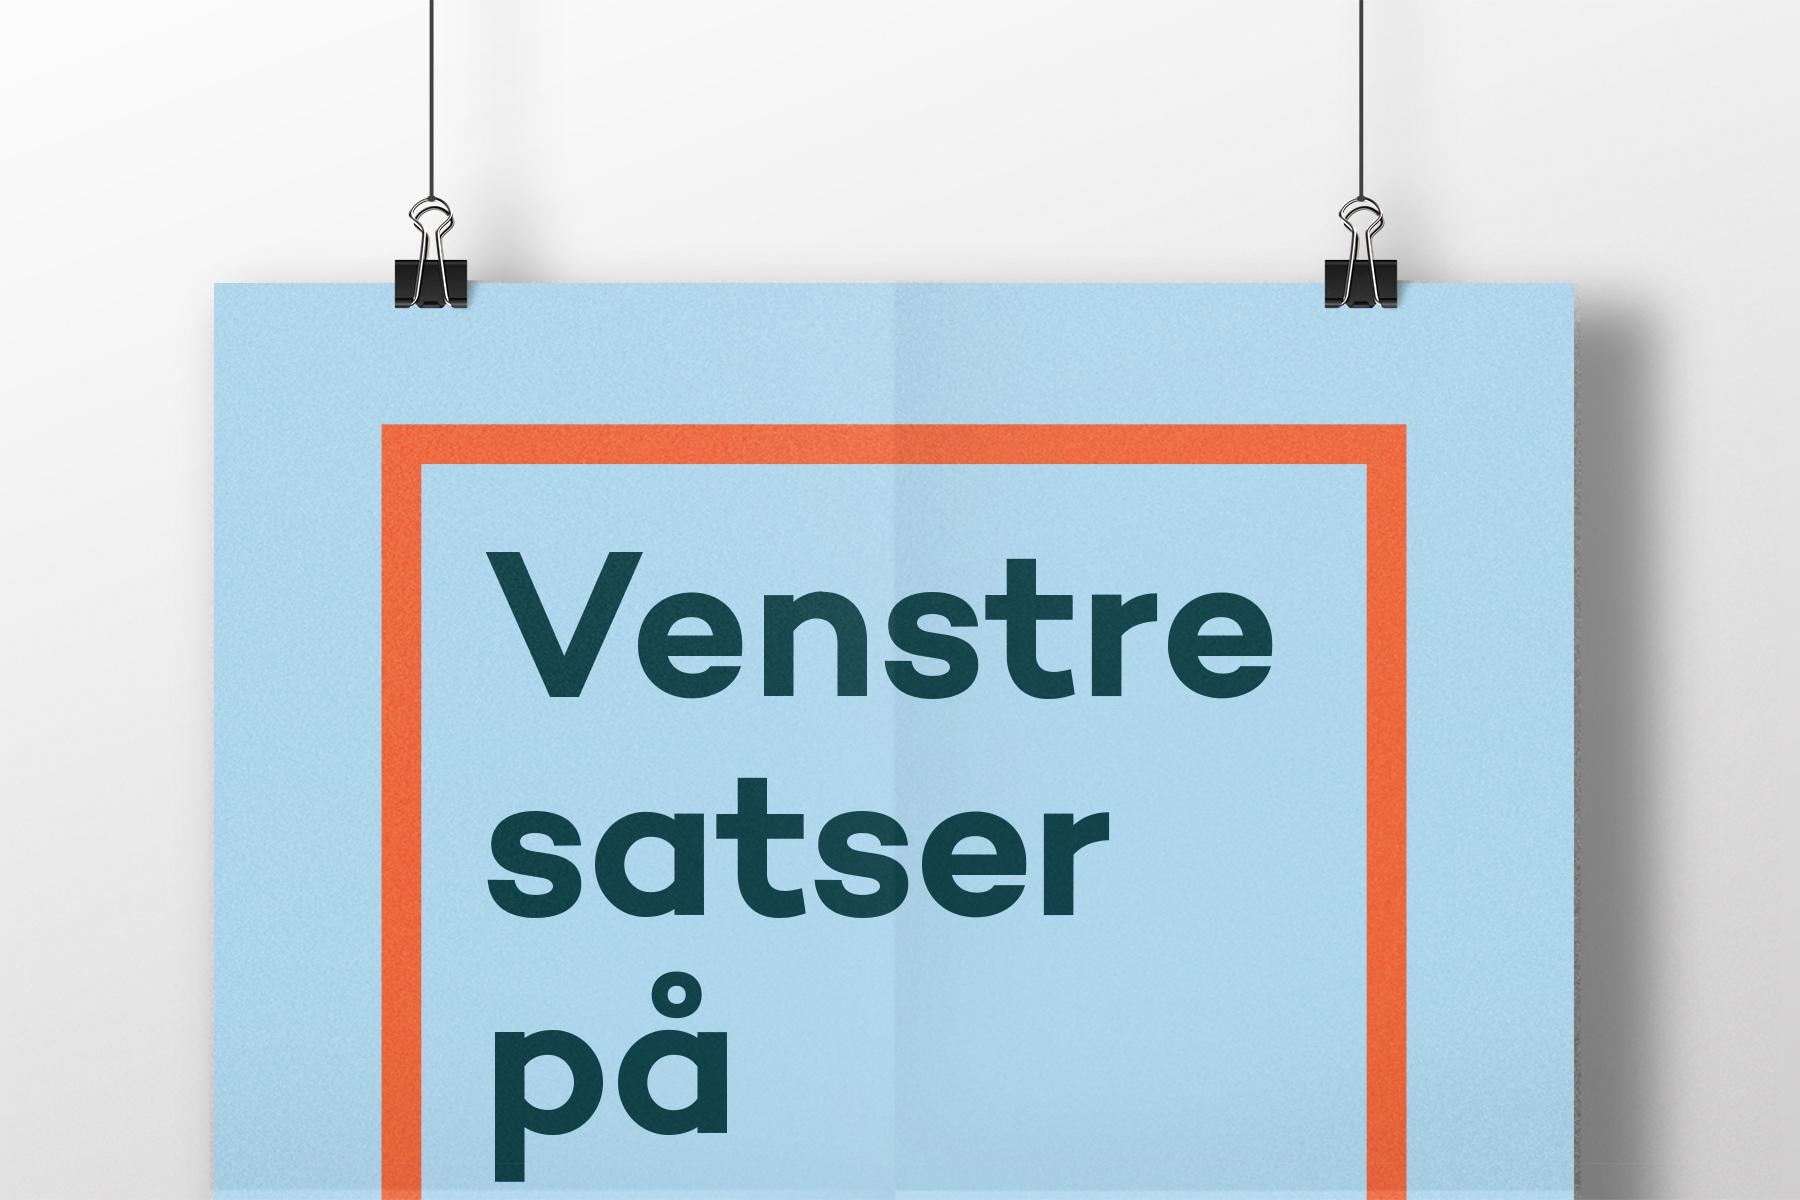 Poster detail for Venstre